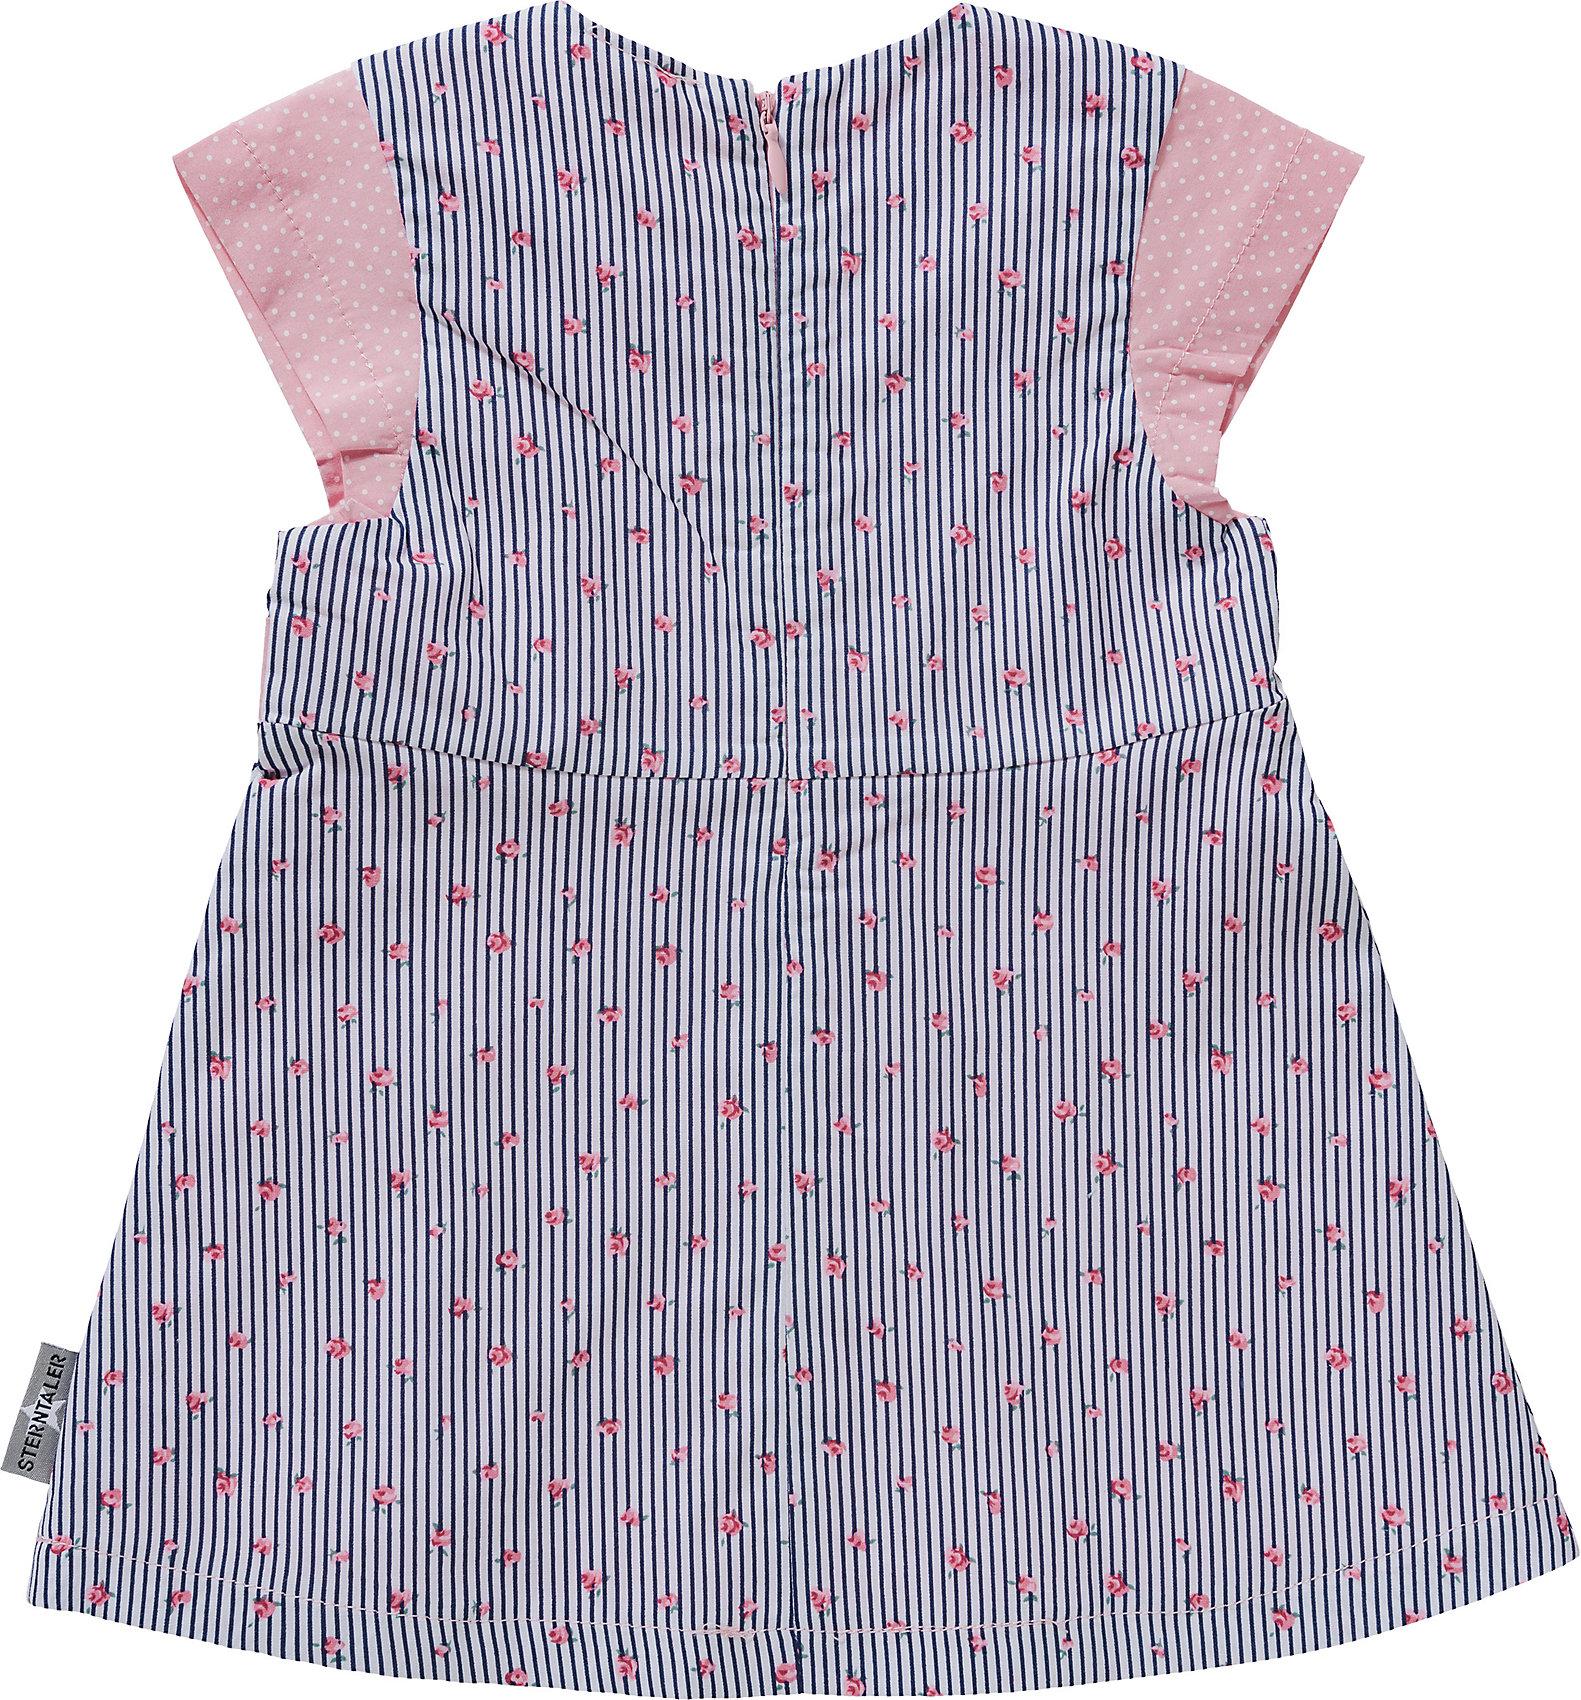 Neu Sterntaler Baby-Kleid - Kleider - 10506468 für Mädchen ...